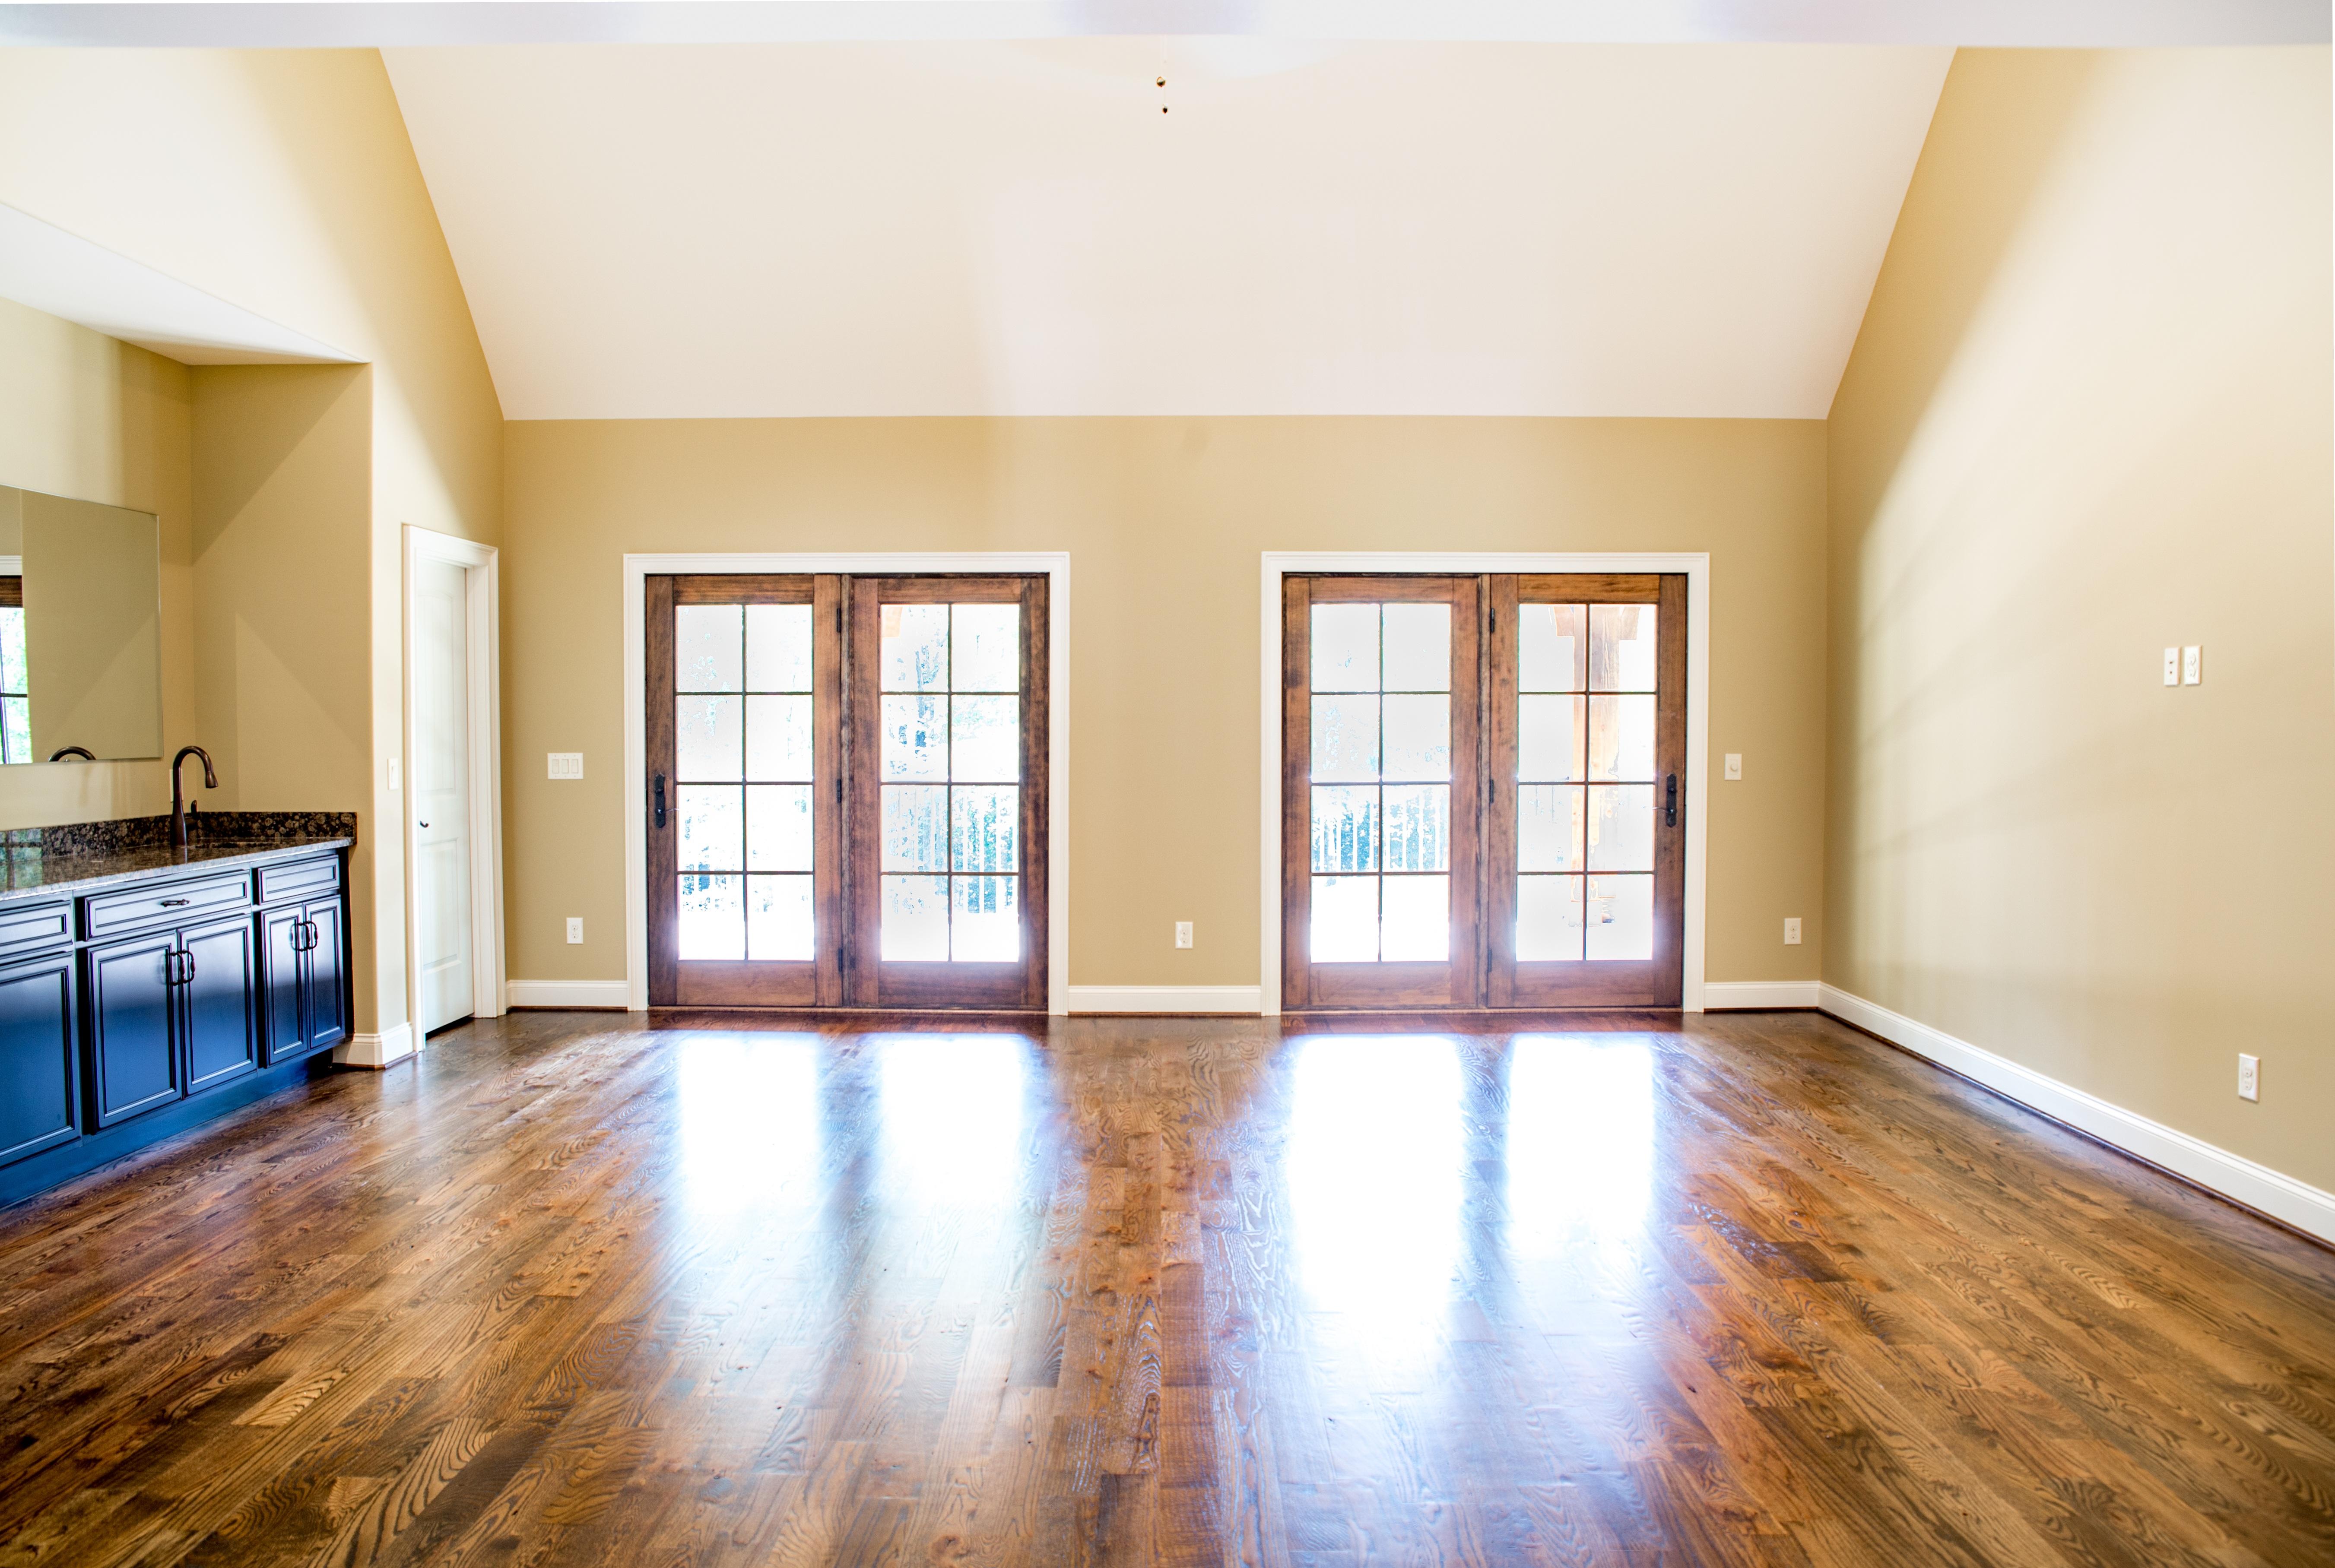 madera piso casa propiedad sala residencial habitacin diseo de interiores lujo madera dura inmuebles recortar bienes